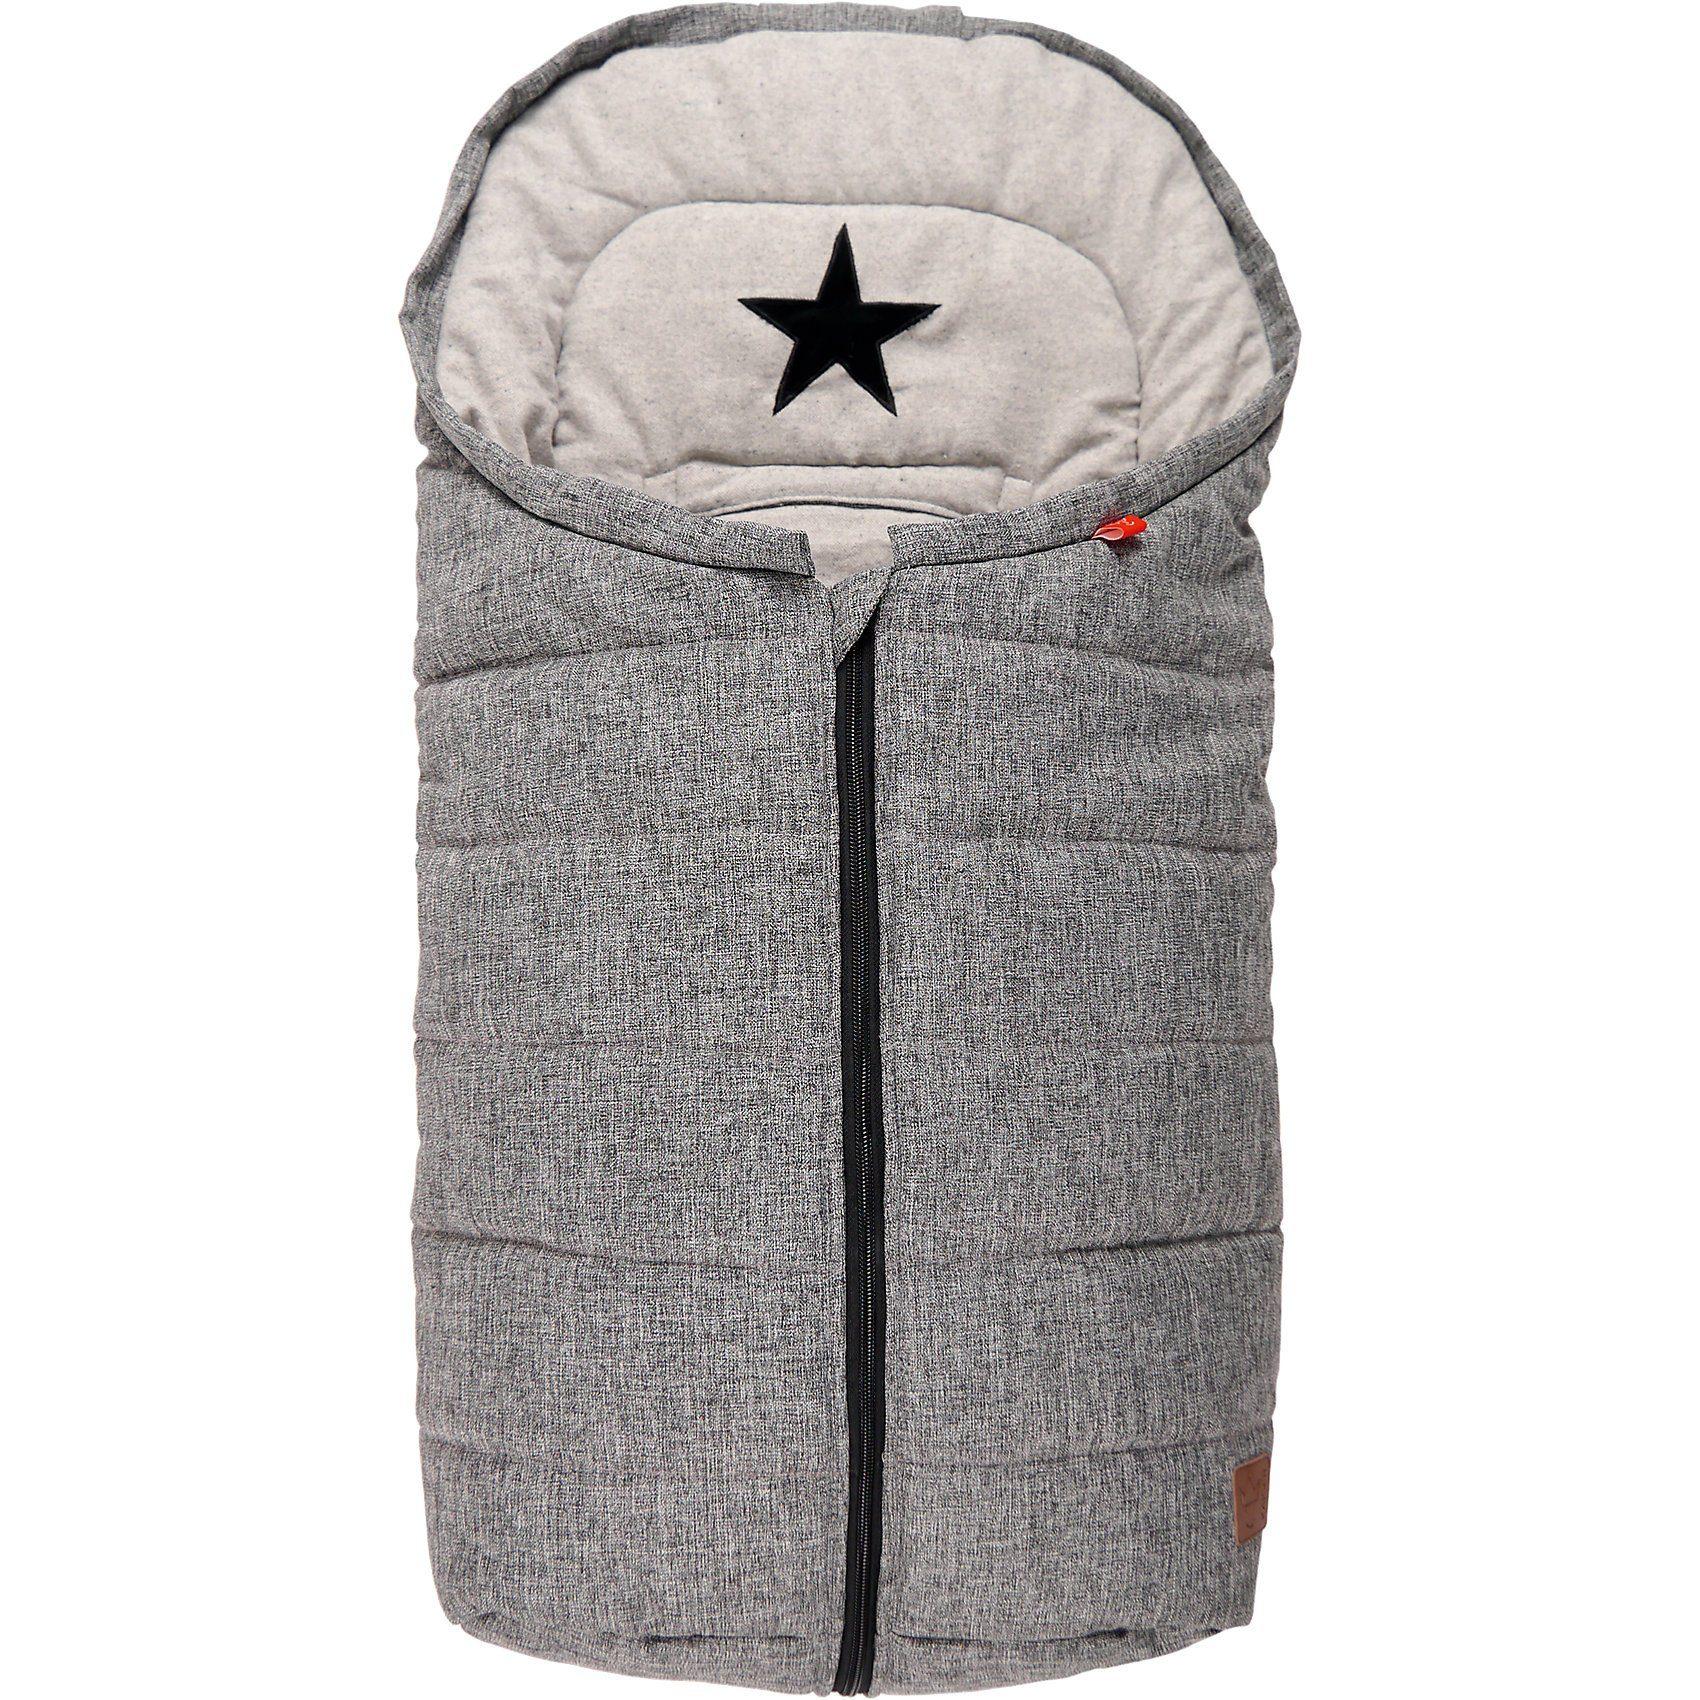 Kaiser Fußsack ANNA für Babyschale, schwarz/grau